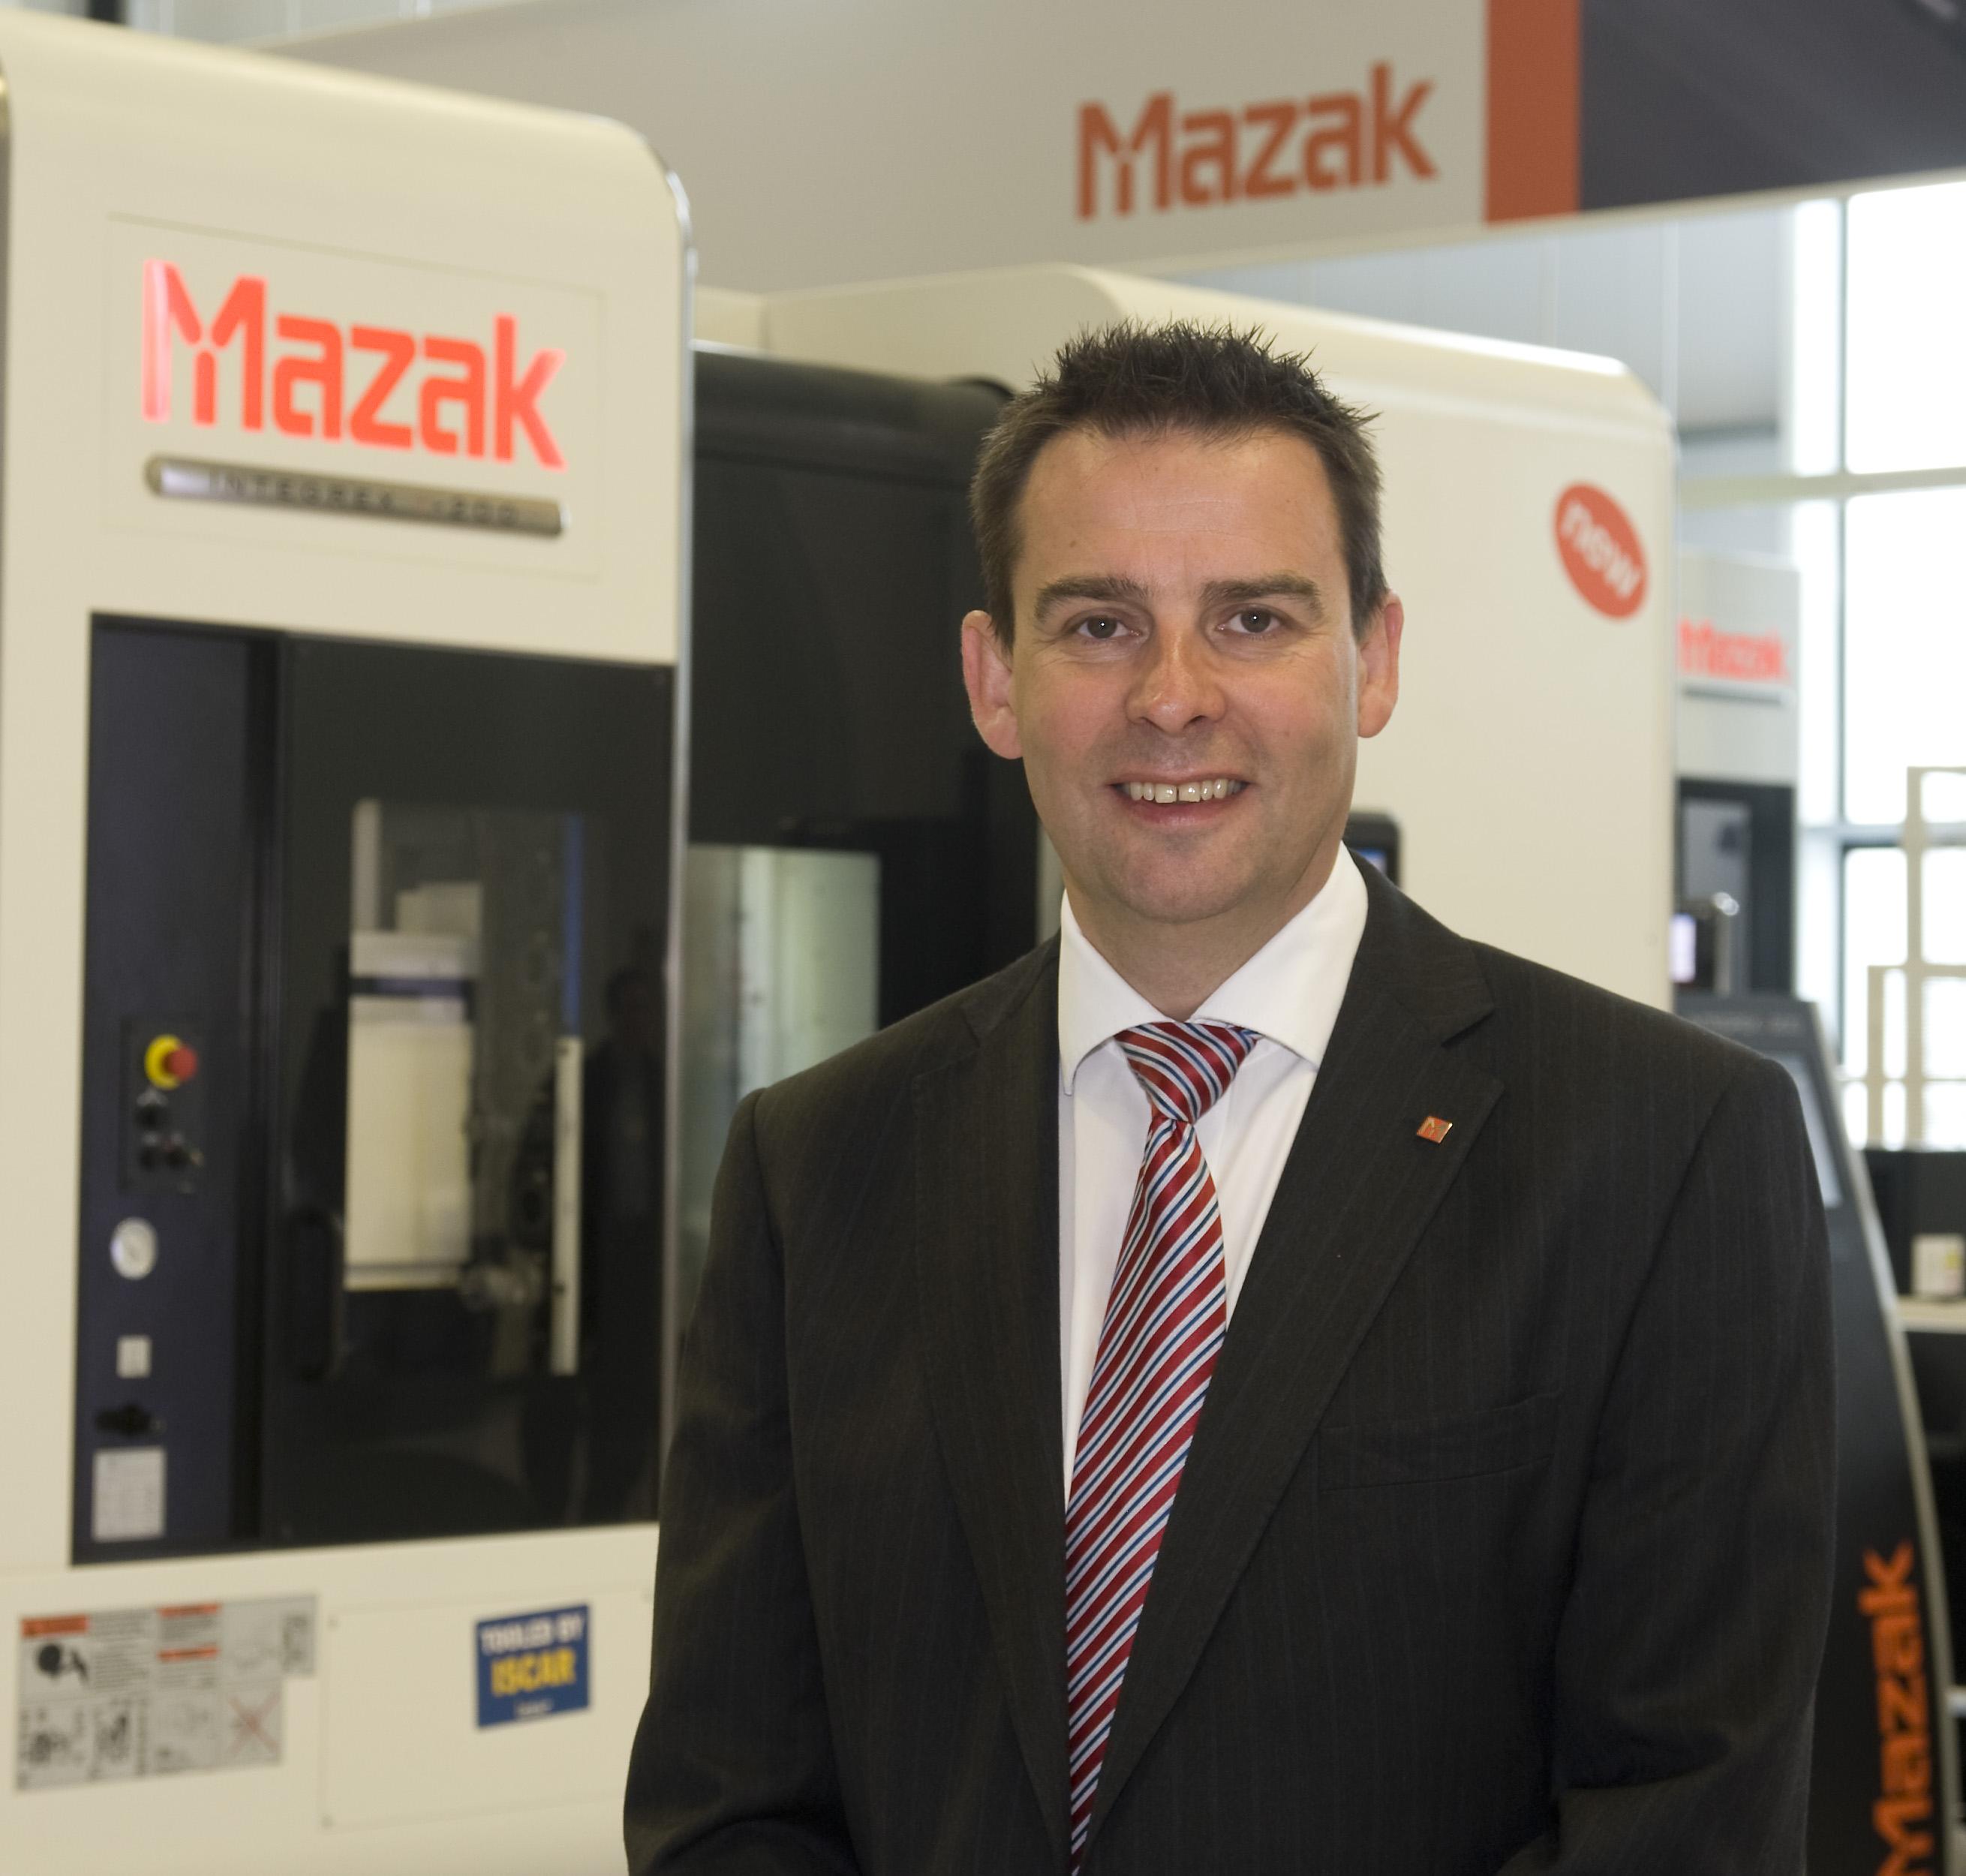 Richard Smith, MD UK and Ireland Sales, Yamazaki Mazak